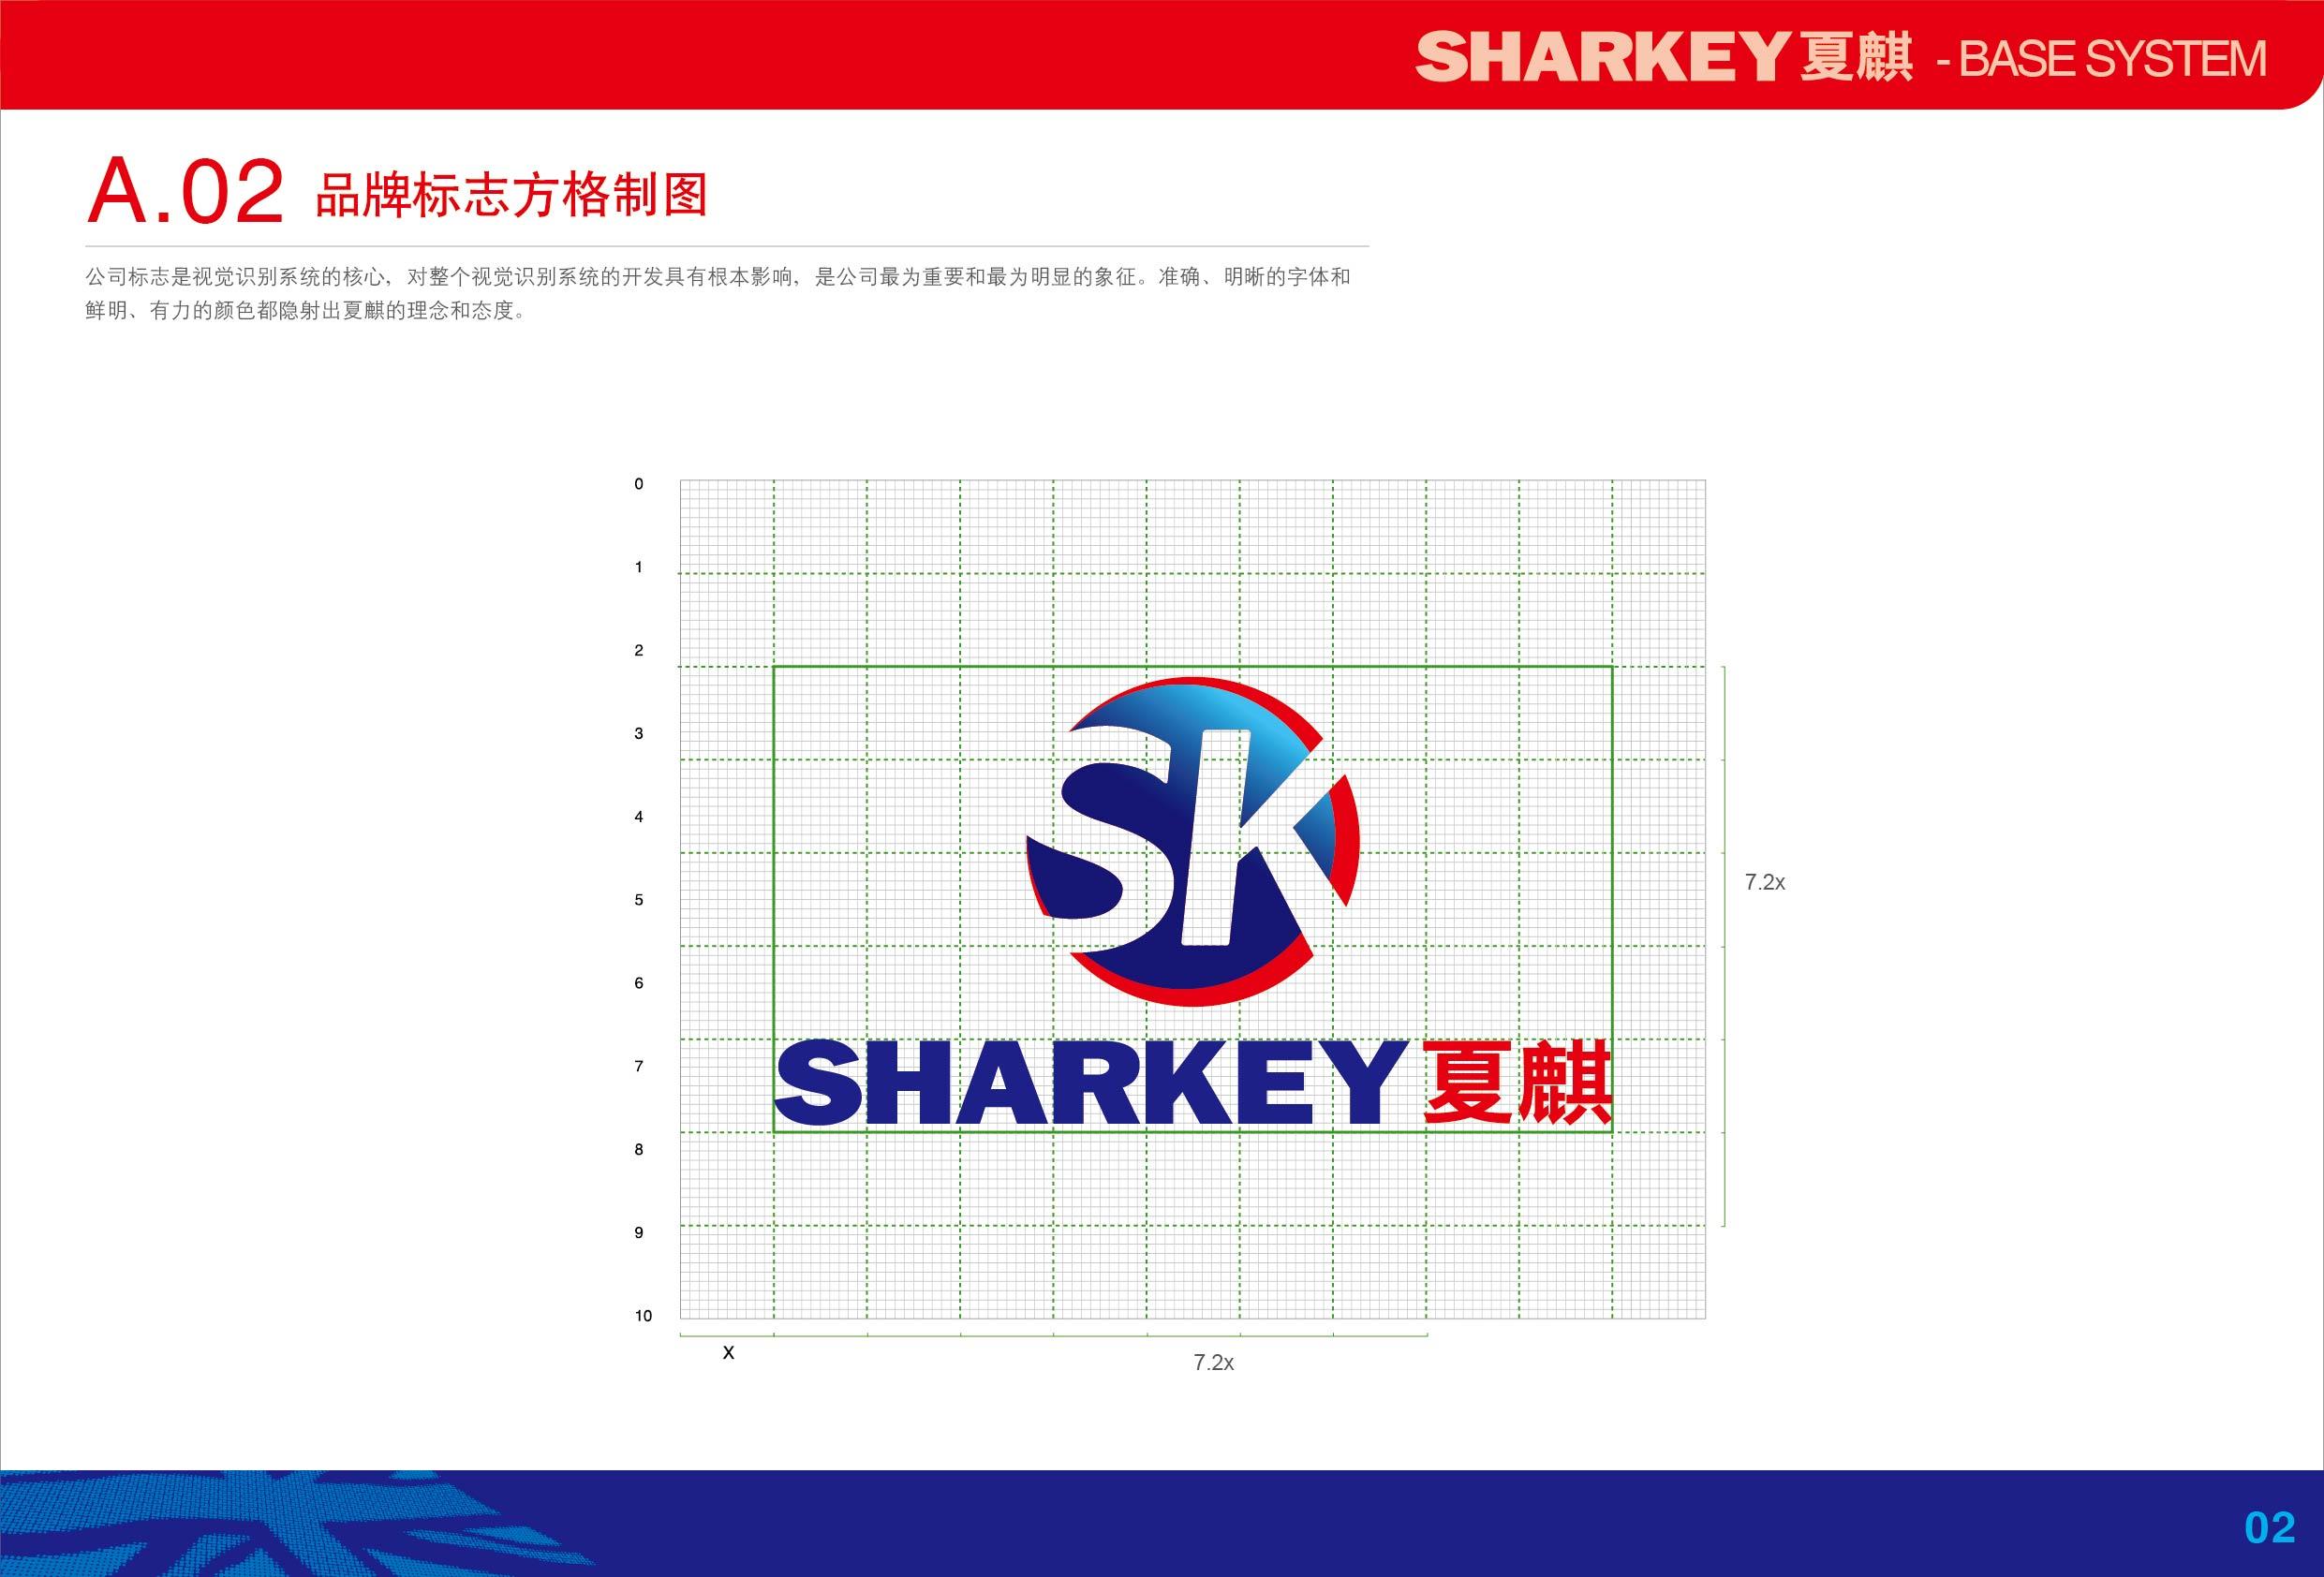 A夏麒logo-基础系统.aiA-03